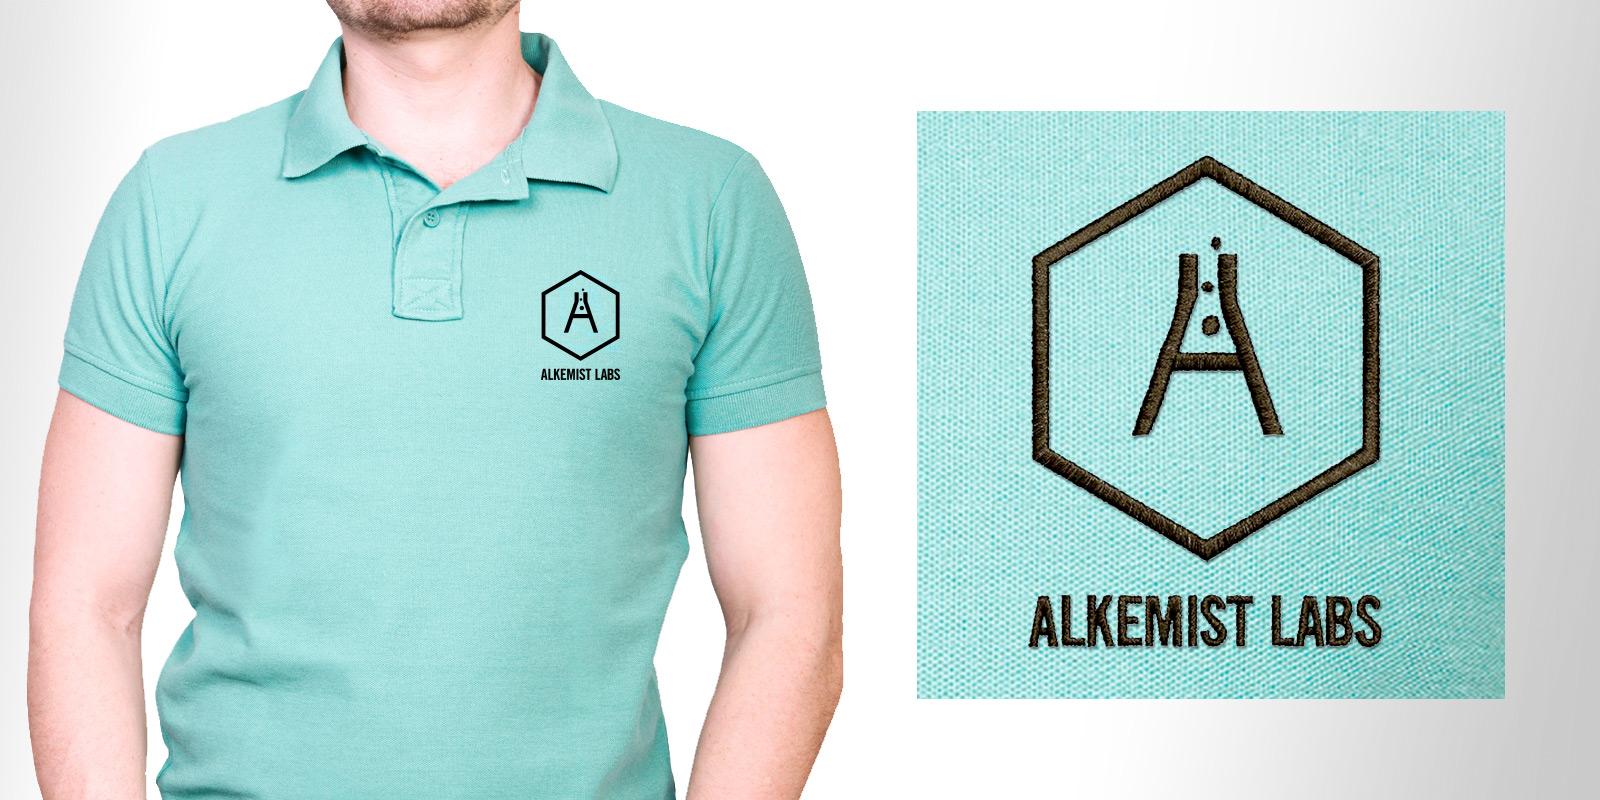 mslk-alkemist-polo-shirt1